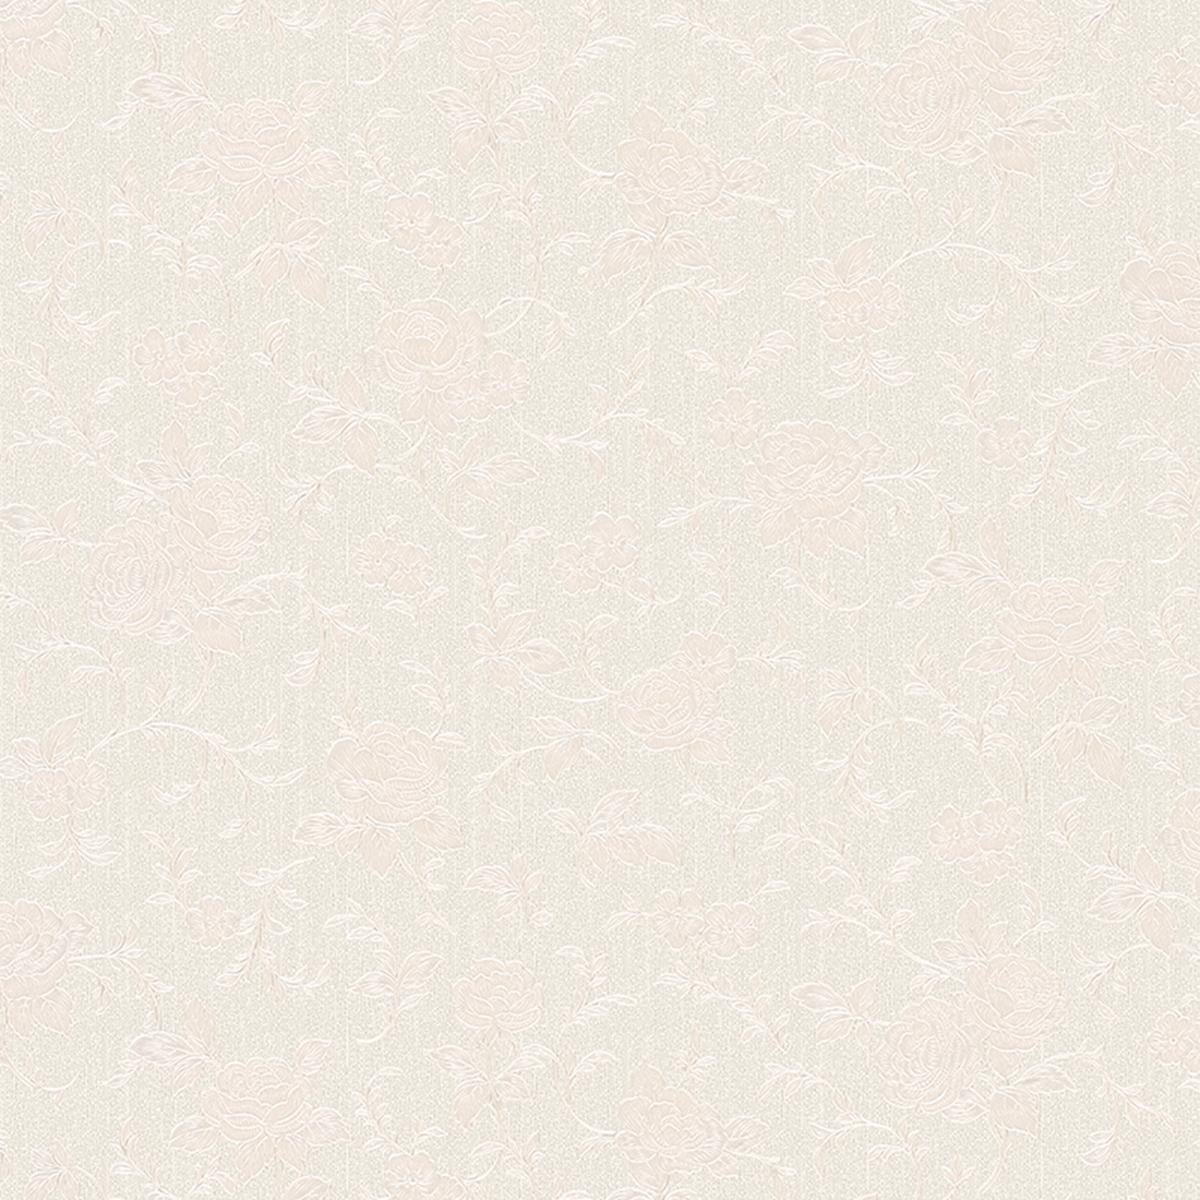 тапет Монтего текстилни цветя бяло